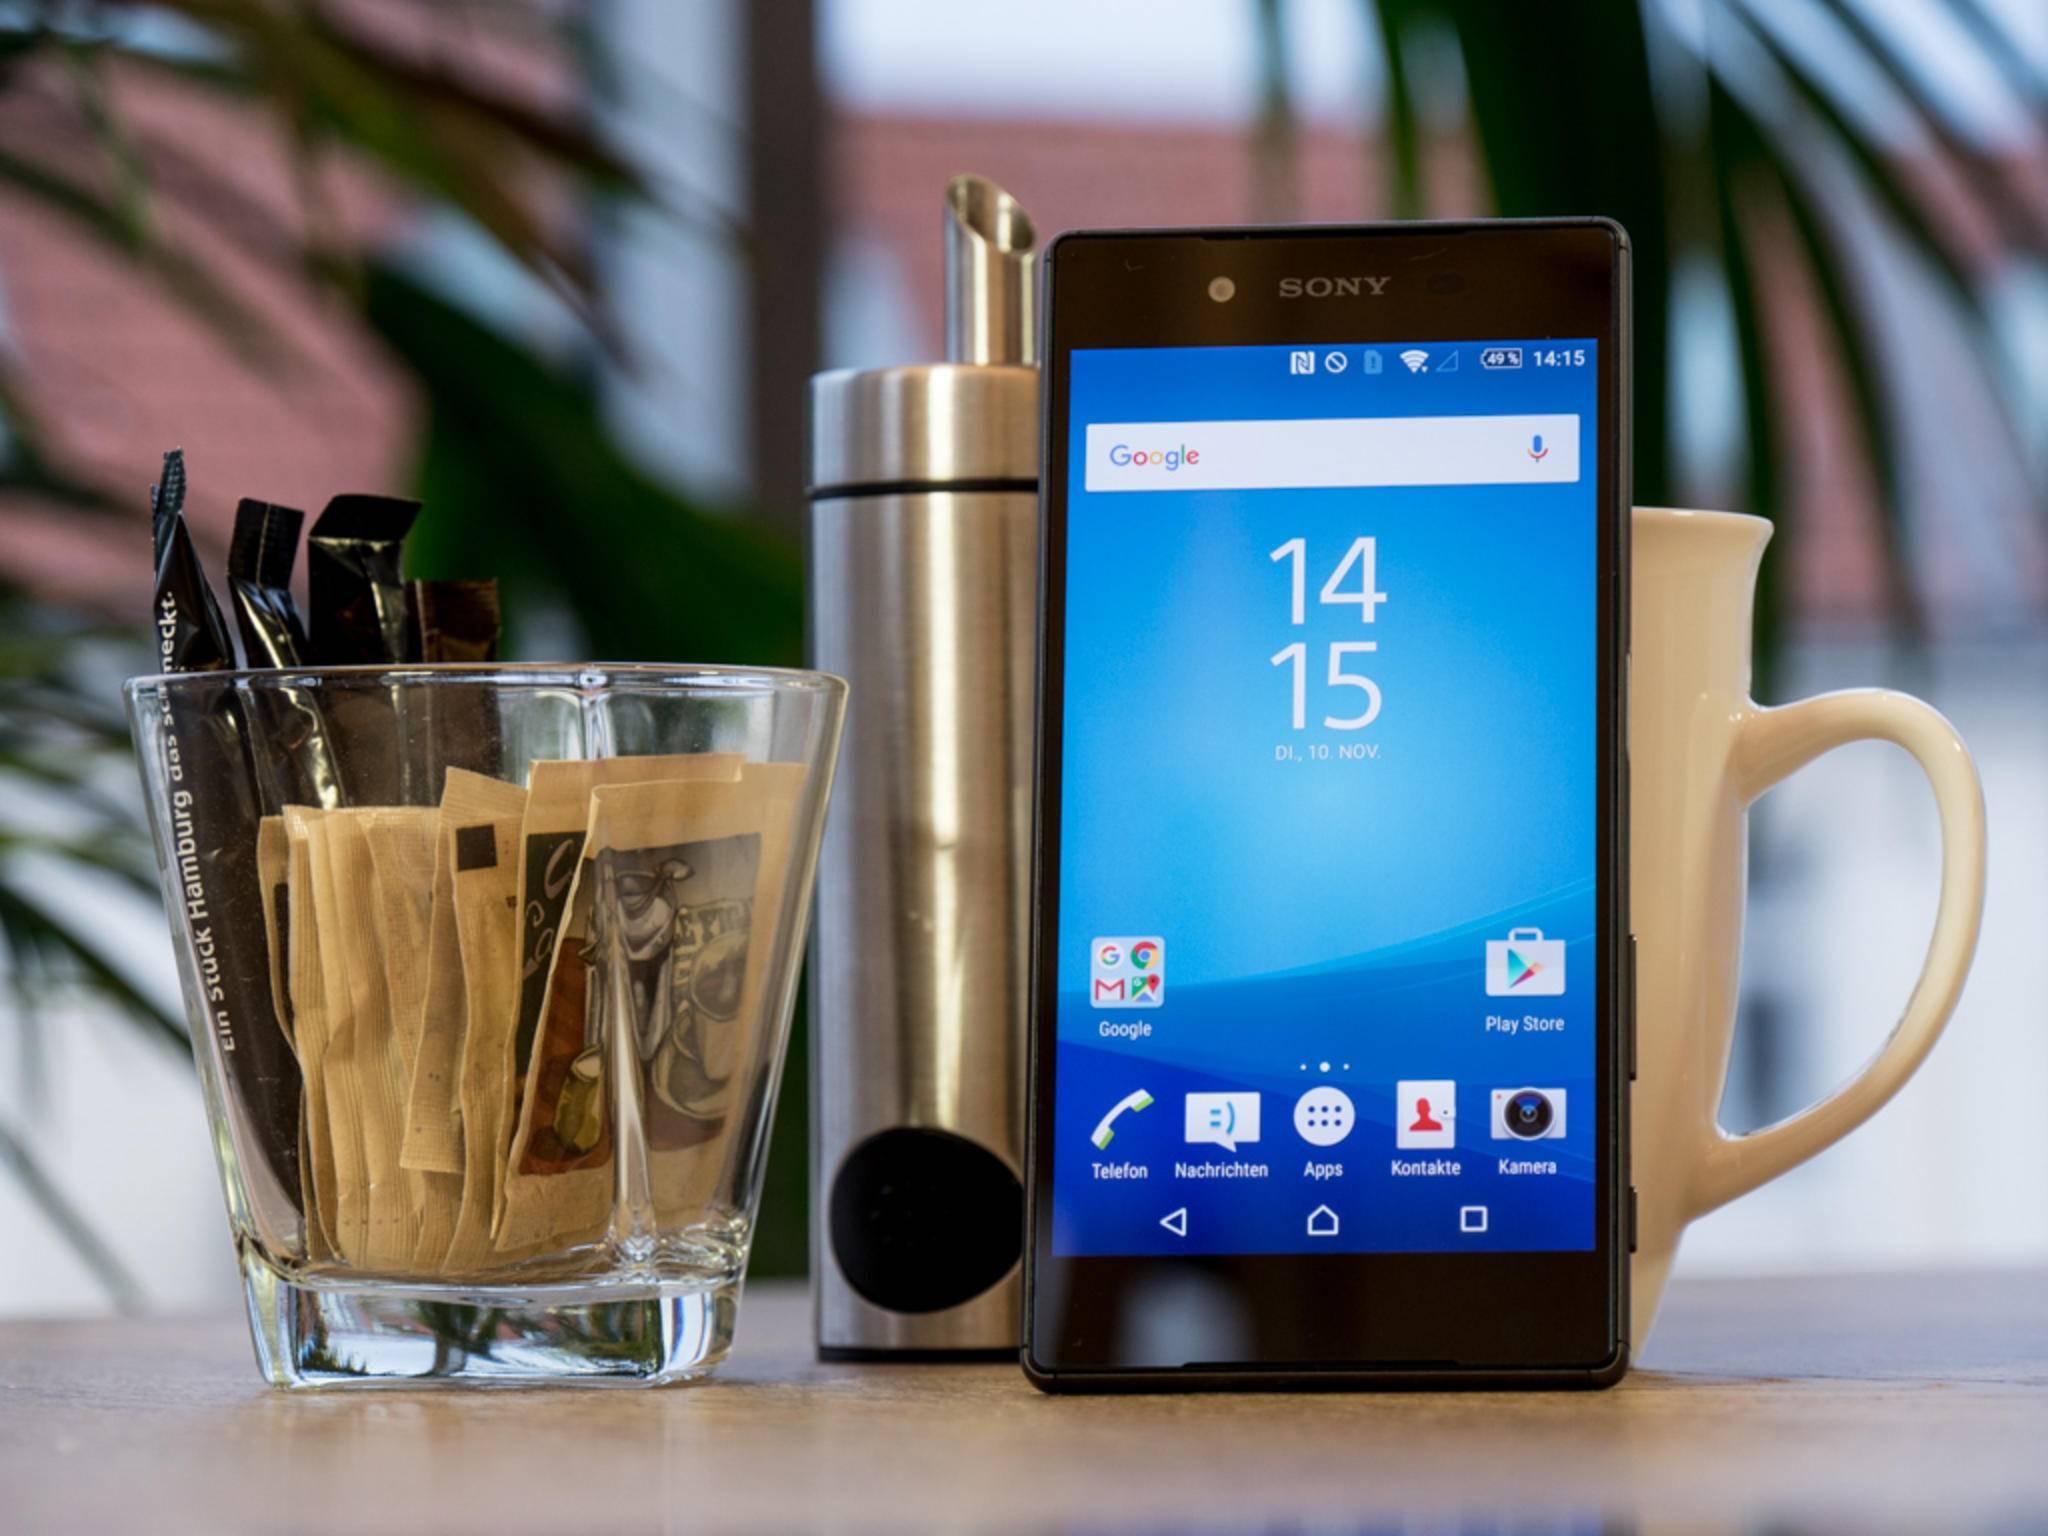 Anfang März könnte Android 6 Marshmallow endlich auf dem Xperia Z5 landen.